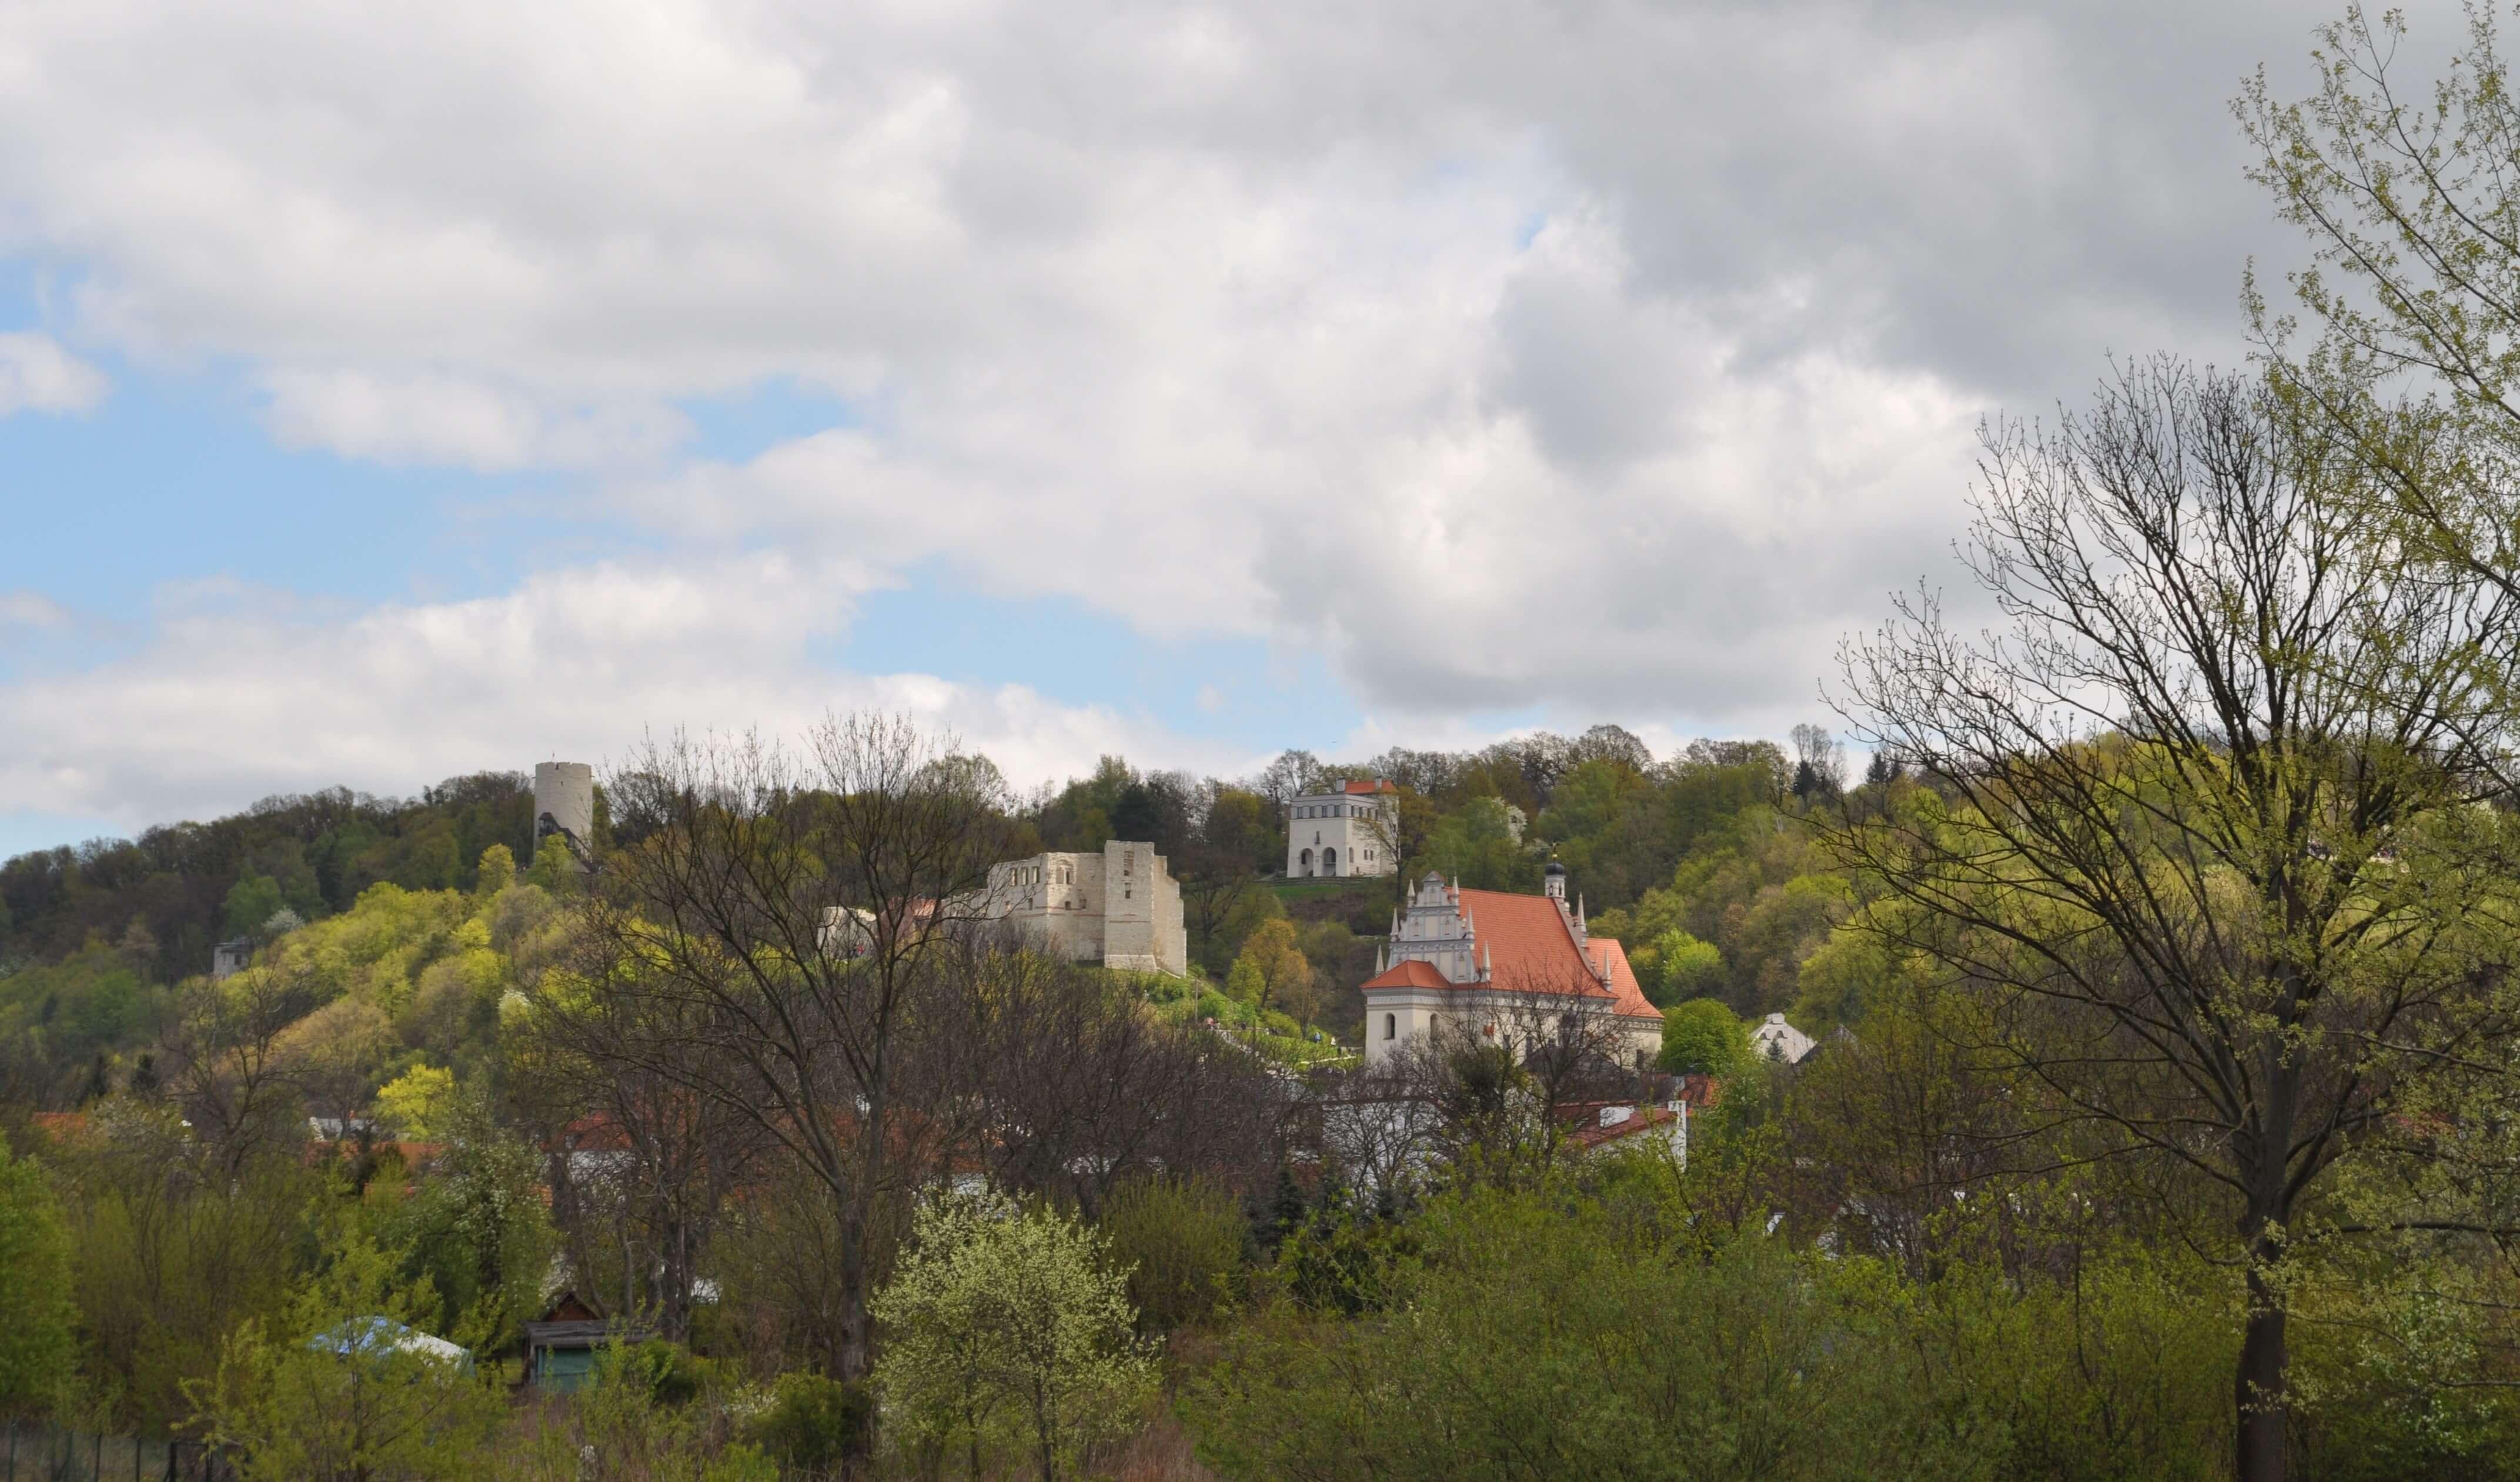 Willa Tadeusza Pruszkowskiego w kazimierskim pejzażu (między dachem fary a ruinami zamku), źródło: fhancuskihhabia.com